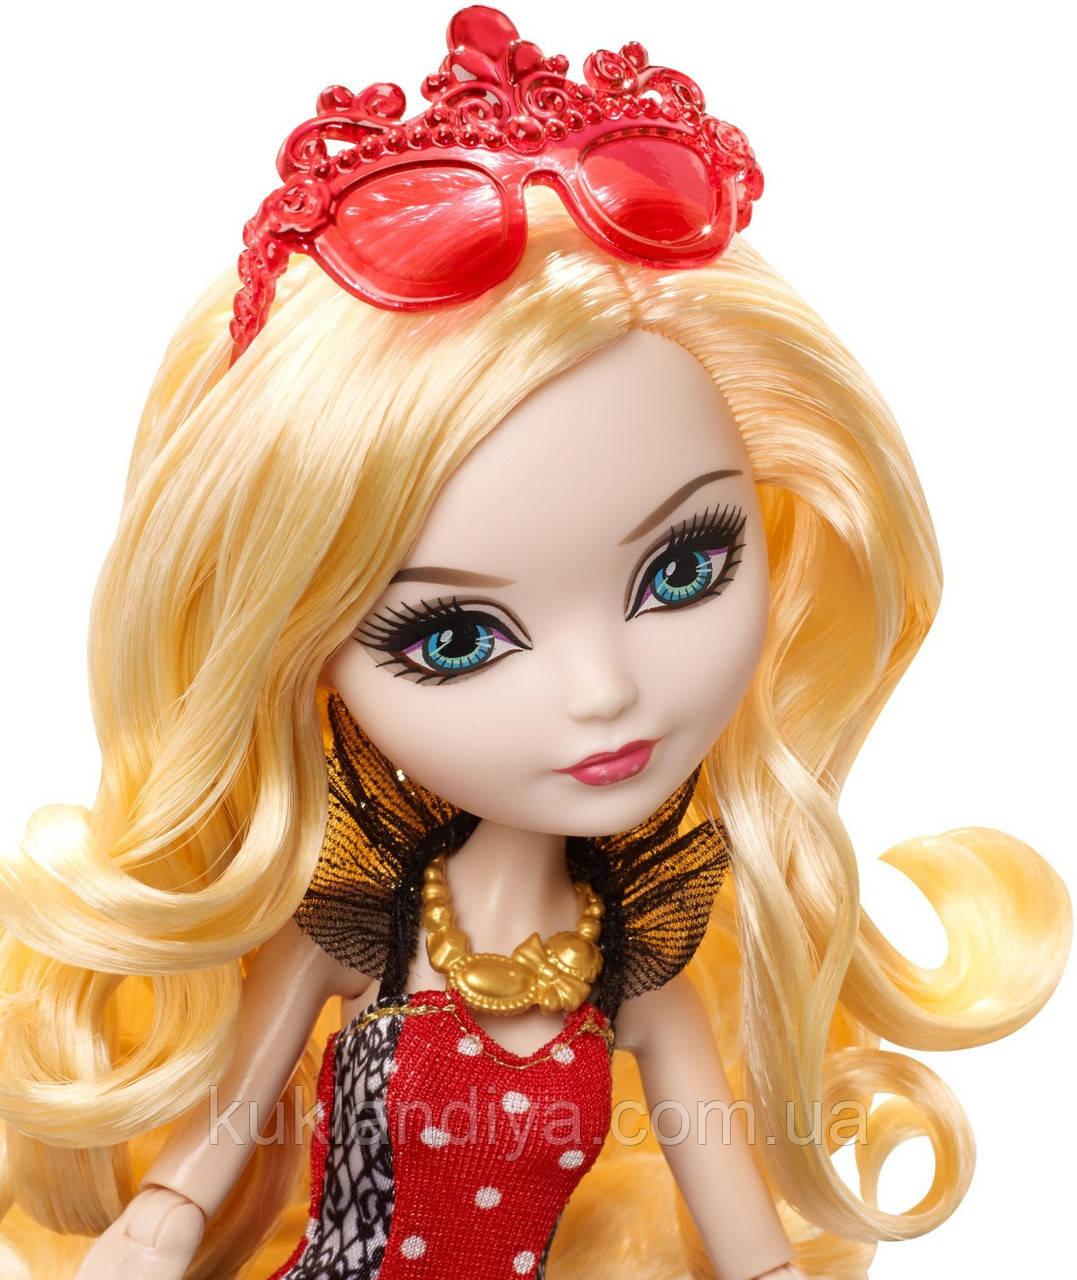 кукла эвер афтер купить недорого